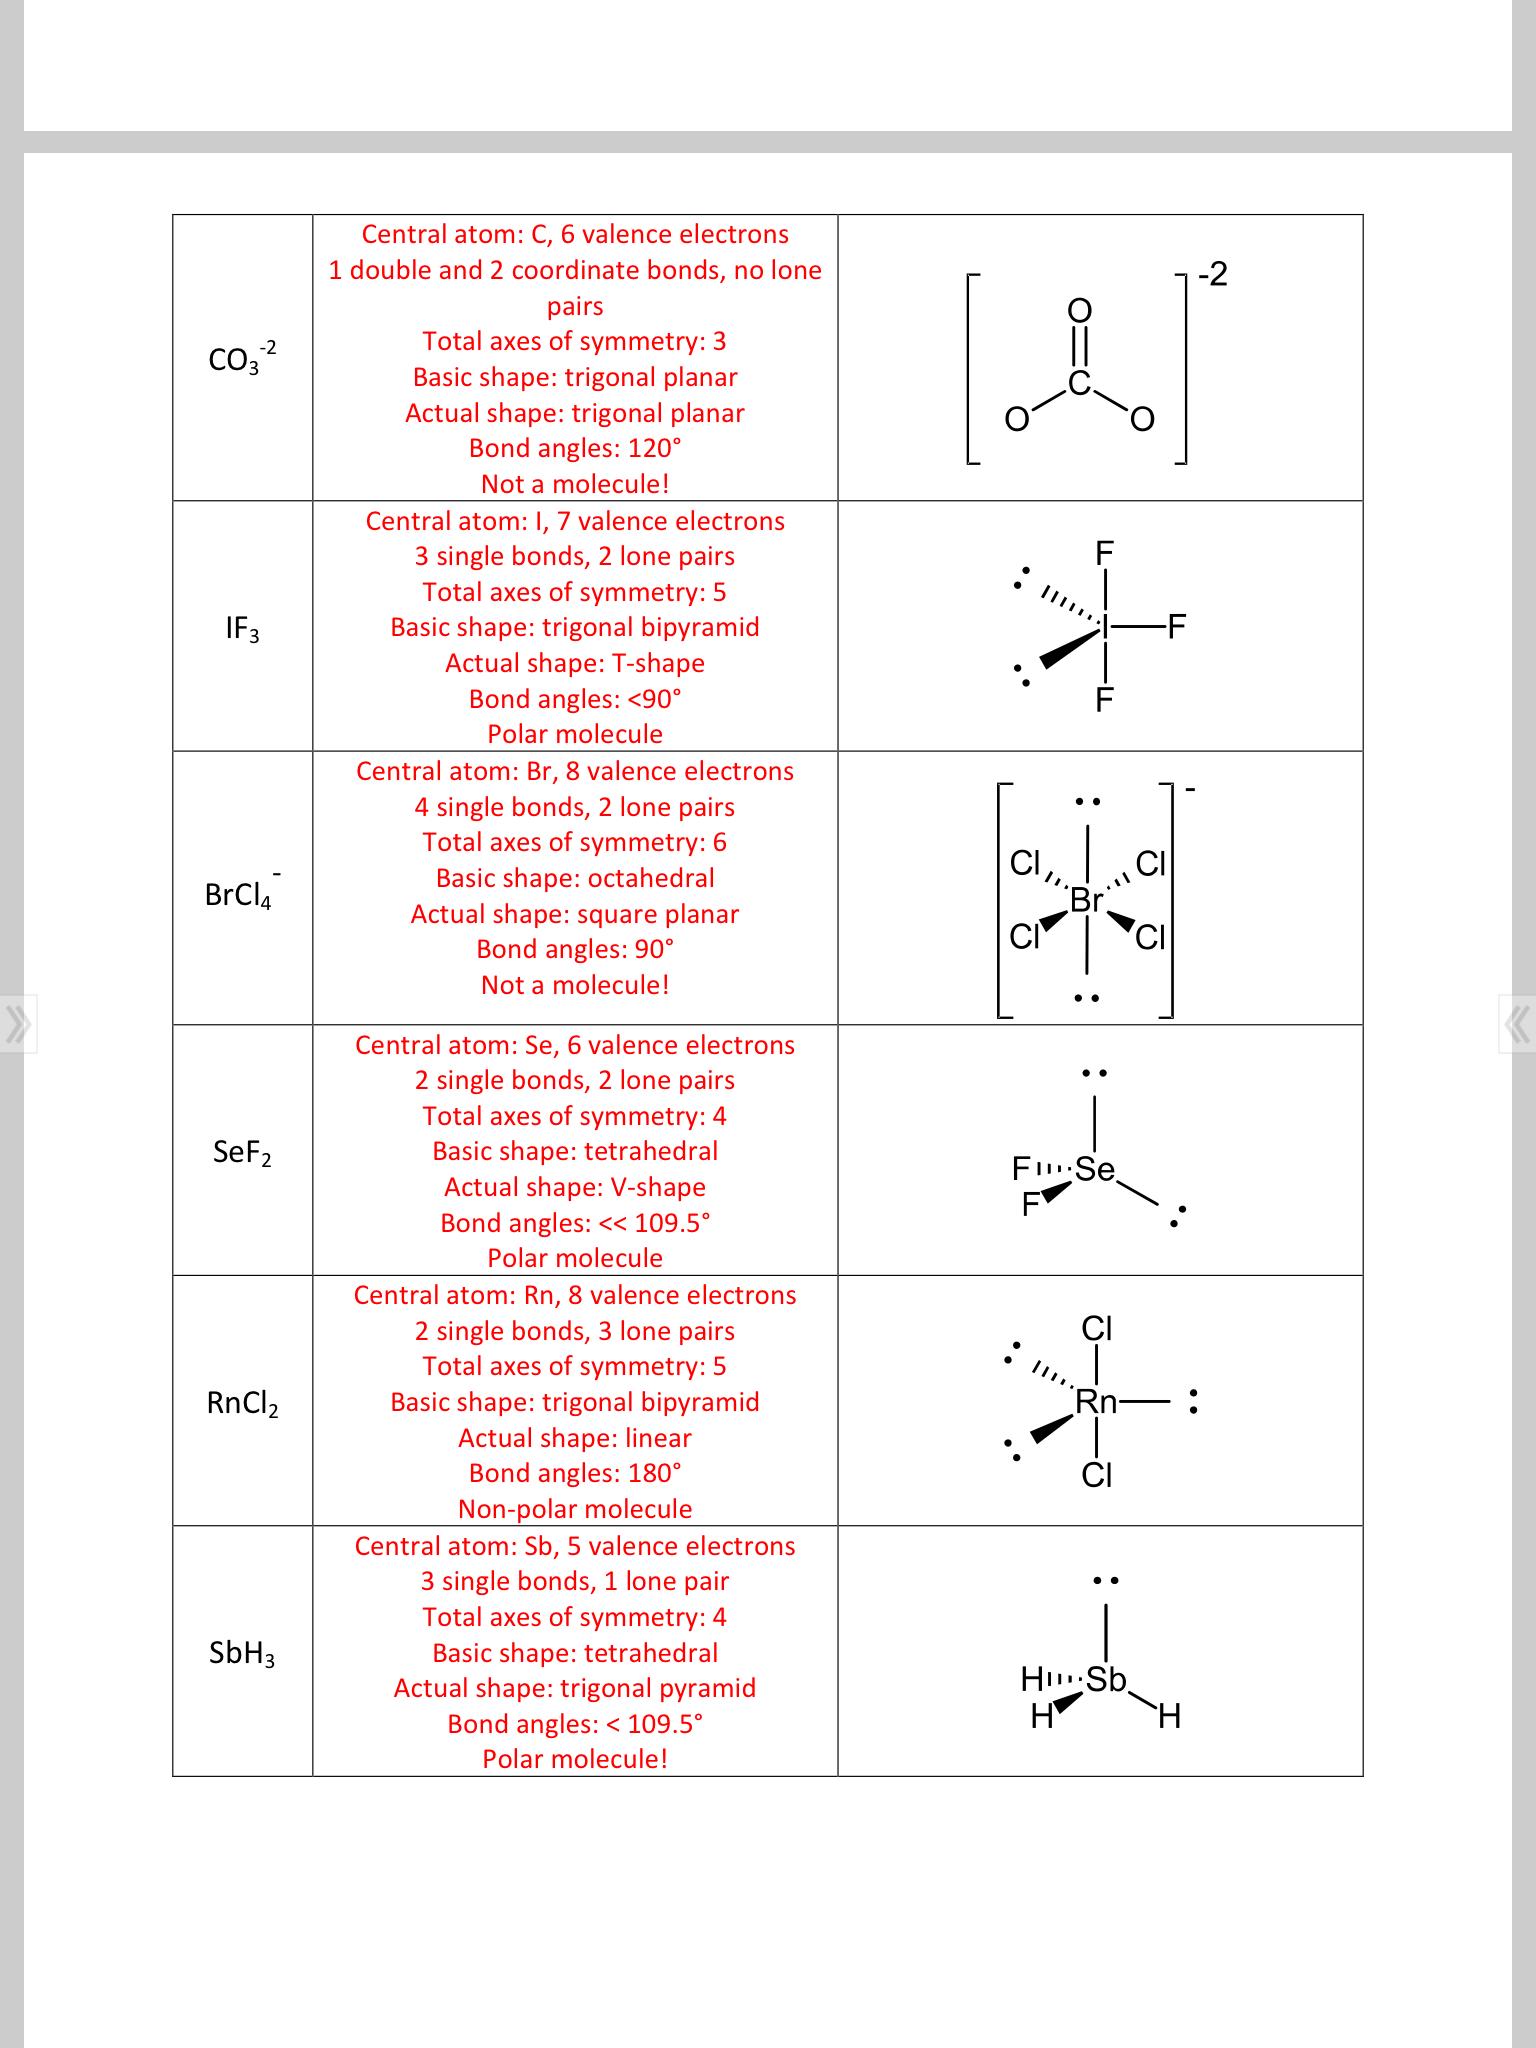 Chem 11 Unit 4 VSEPR | Mrs Toombs' Blog Site